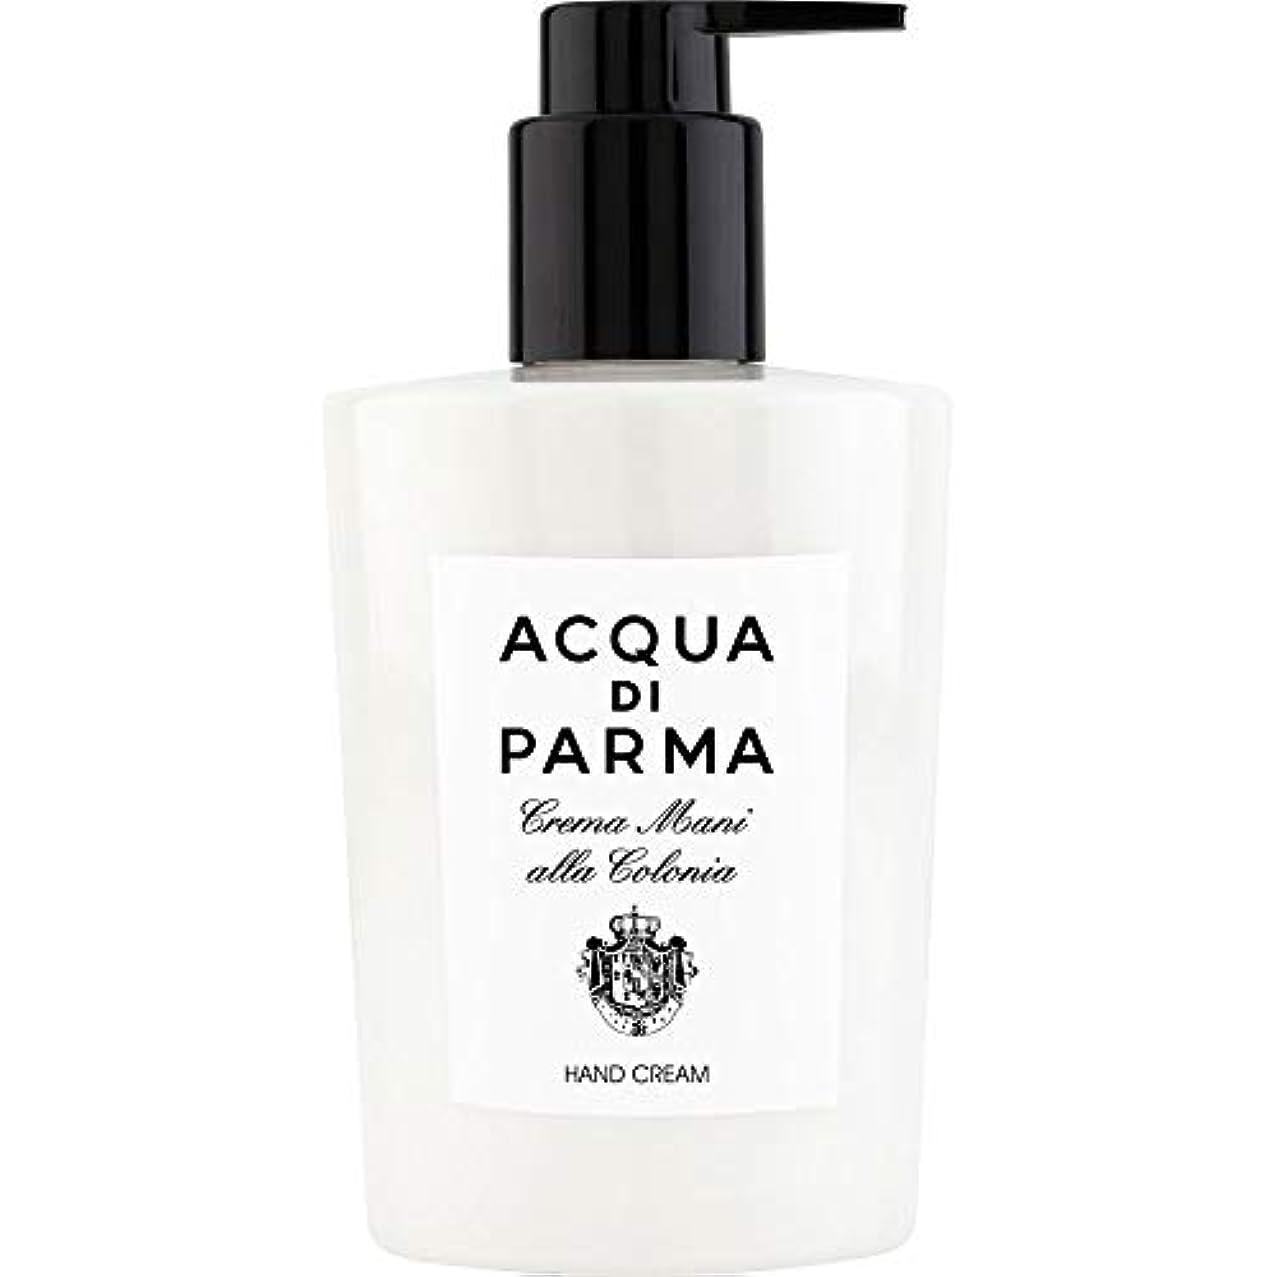 オリエントバスタブポータル[Acqua di Parma] アクアディパルマコロニアのハンドクリーム300ミリリットル - Acqua di Parma Colonia Hand Cream 300ml [並行輸入品]